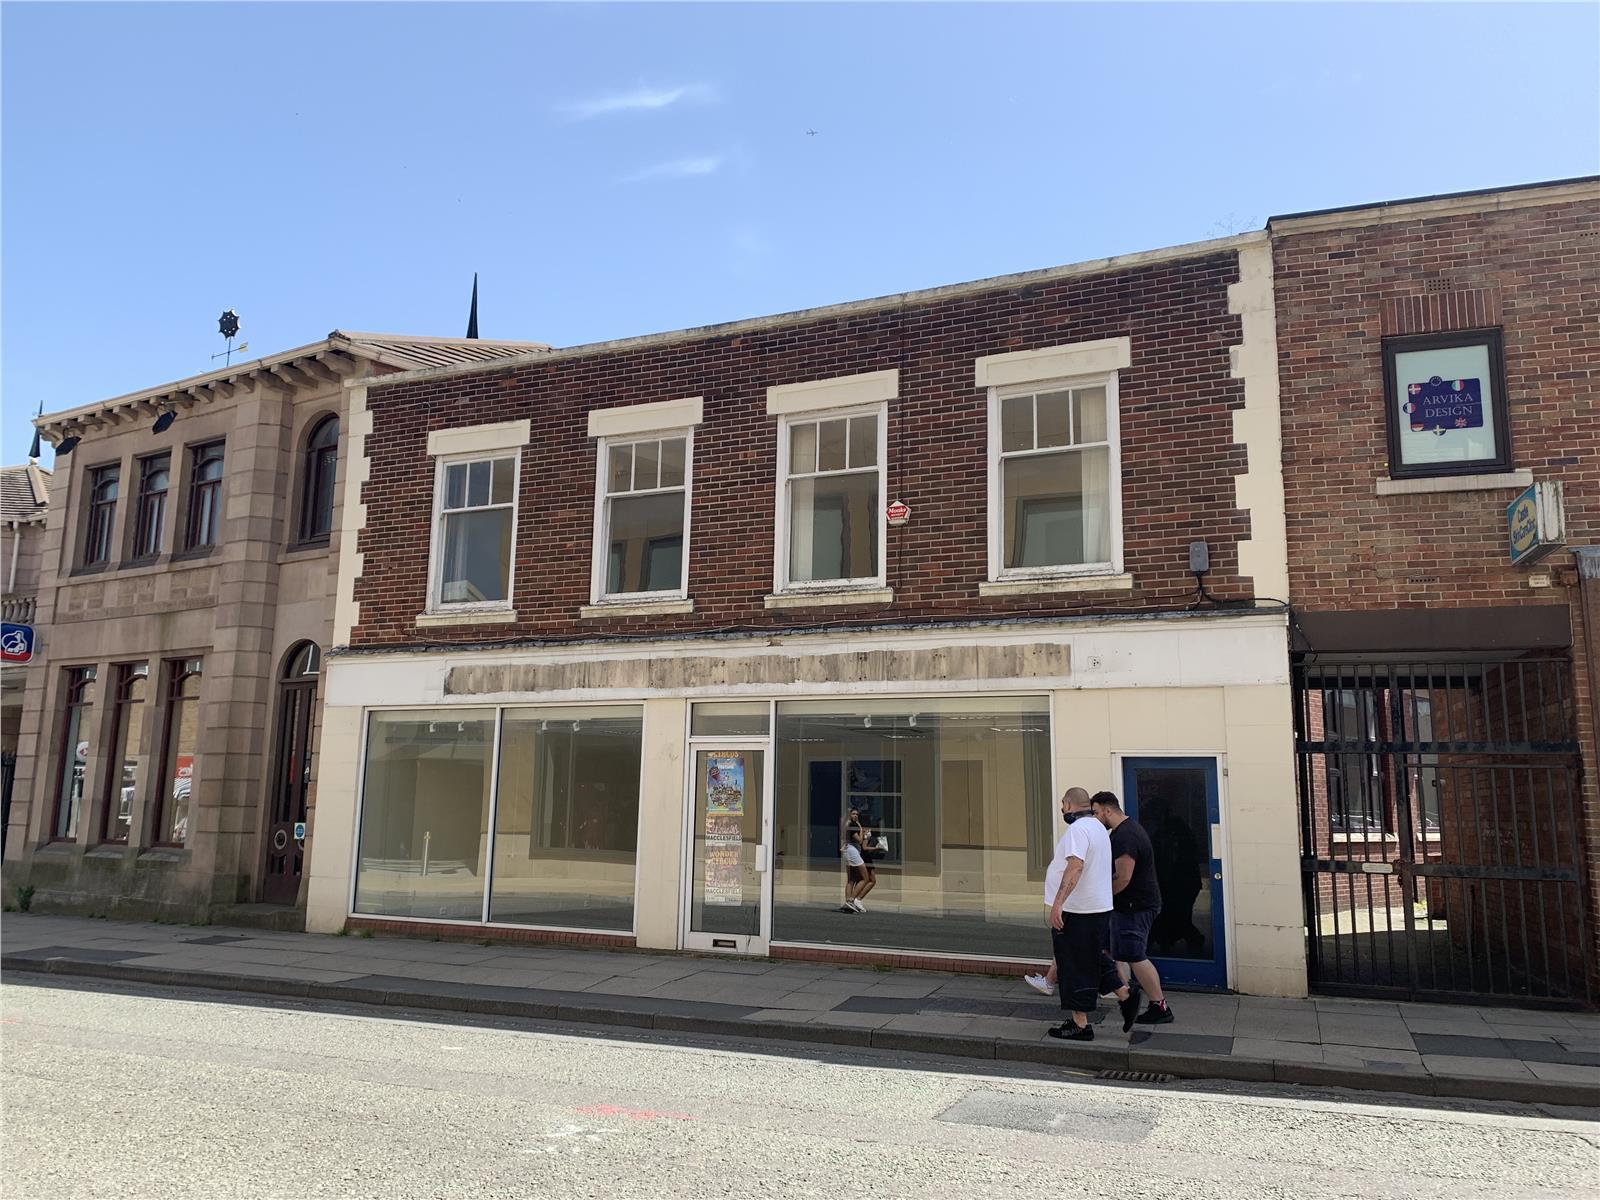 15-17 Castle Street, Macclesfield, SK11